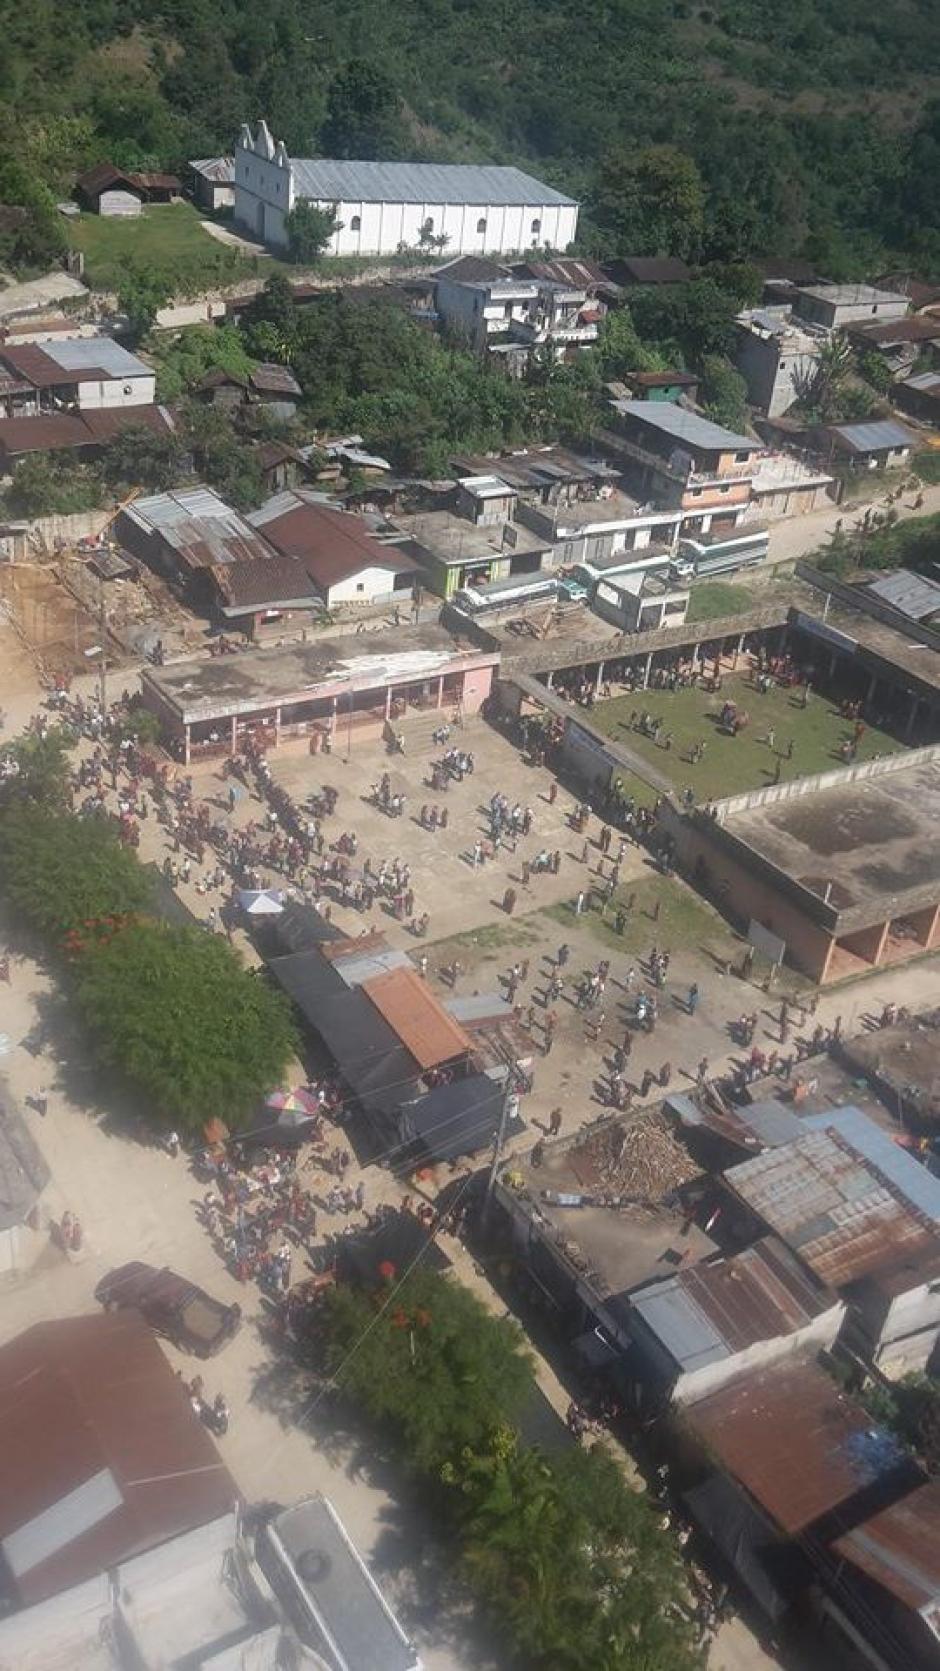 Afluencia de uno de los centros de votación instalado en el municipio de San Juan Cotzal, Quiché. (Foto: Nuestro Diario)